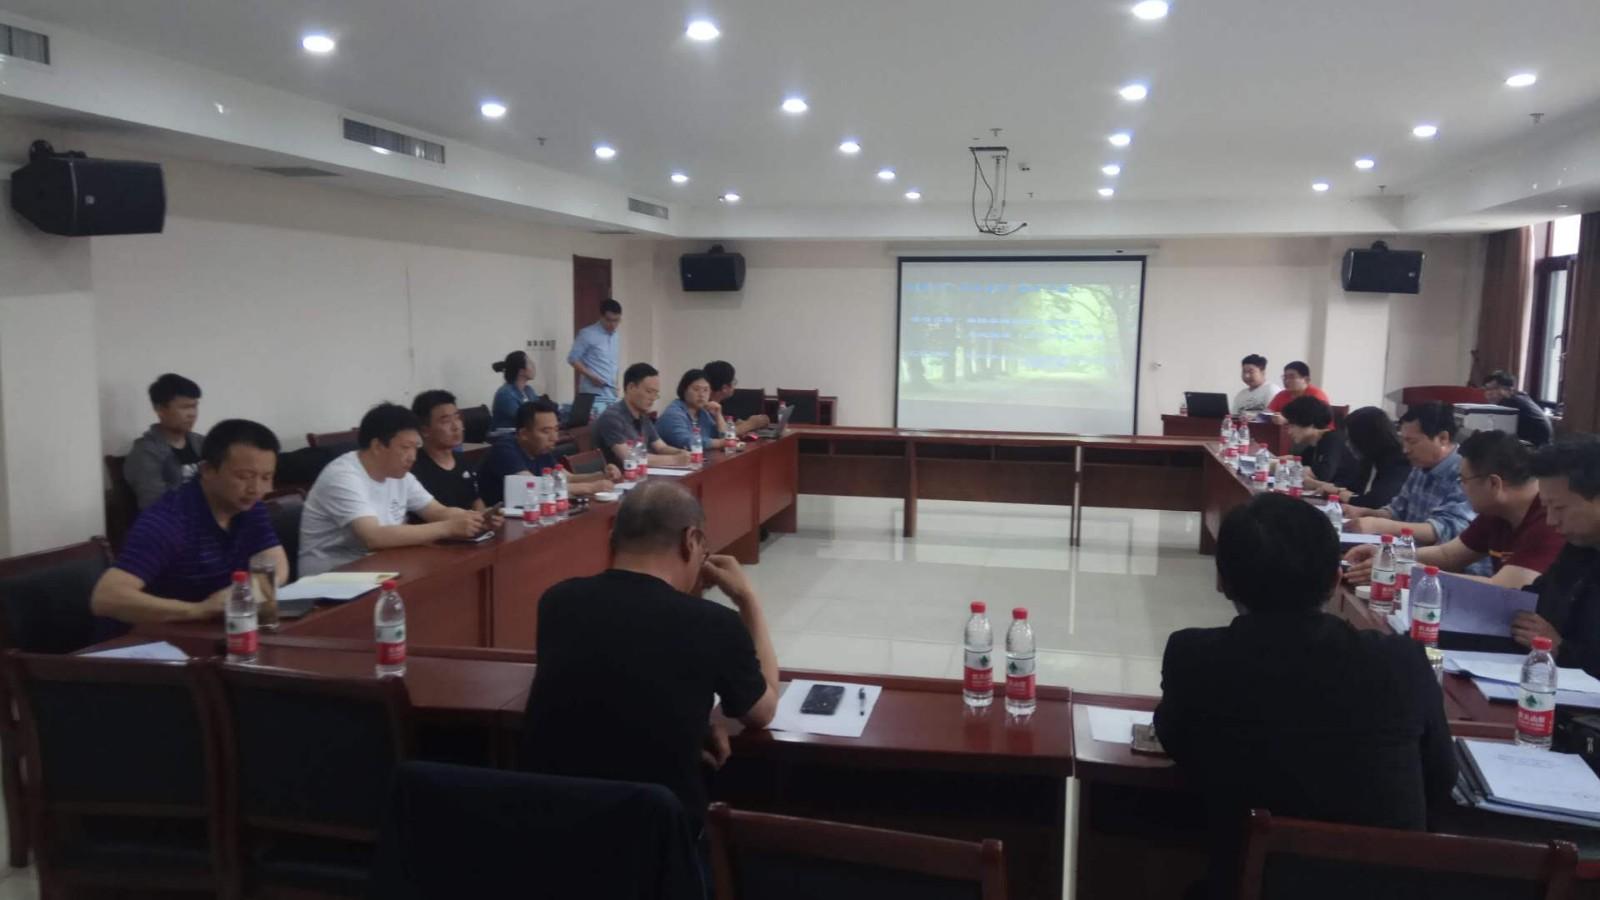 曲阳县自行补充耕地水土 保持方案专家评审会在曲阳召开